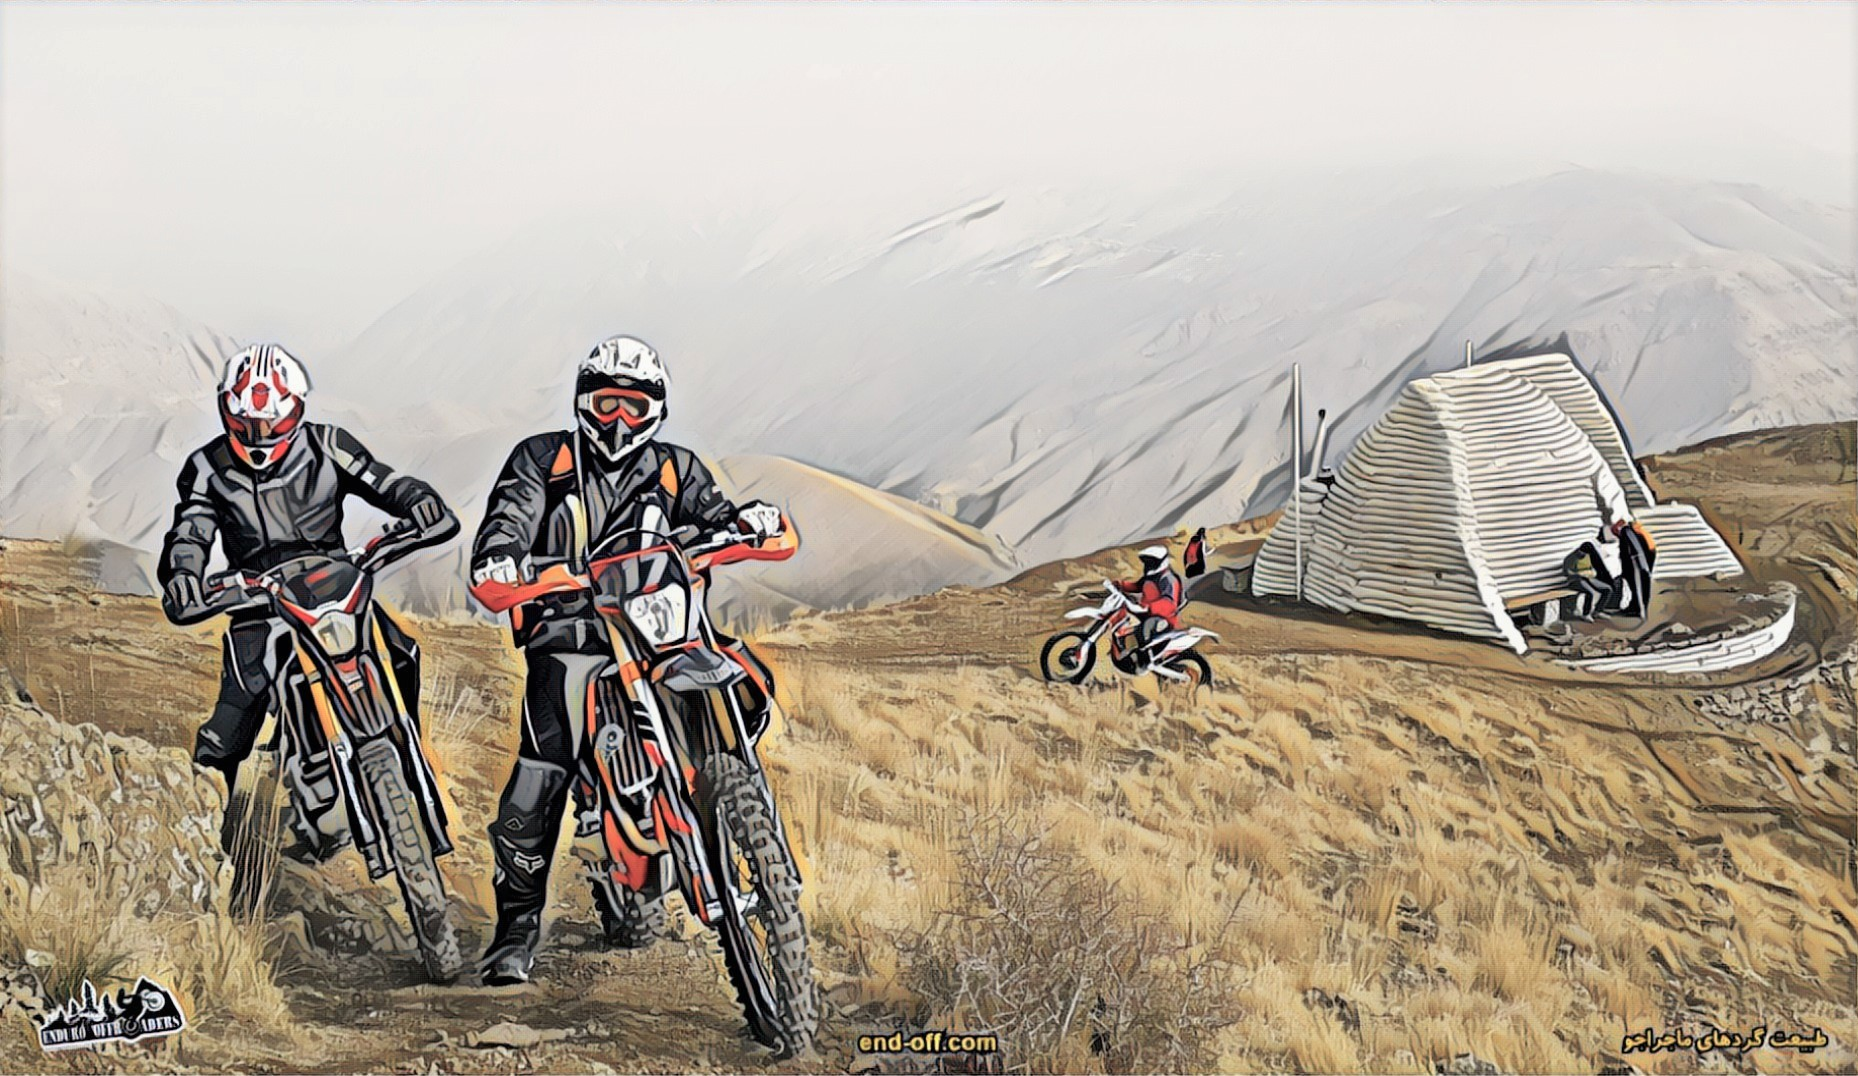 پناهگاه کوهنوردی لتمال کن - زمستان 1399 2020